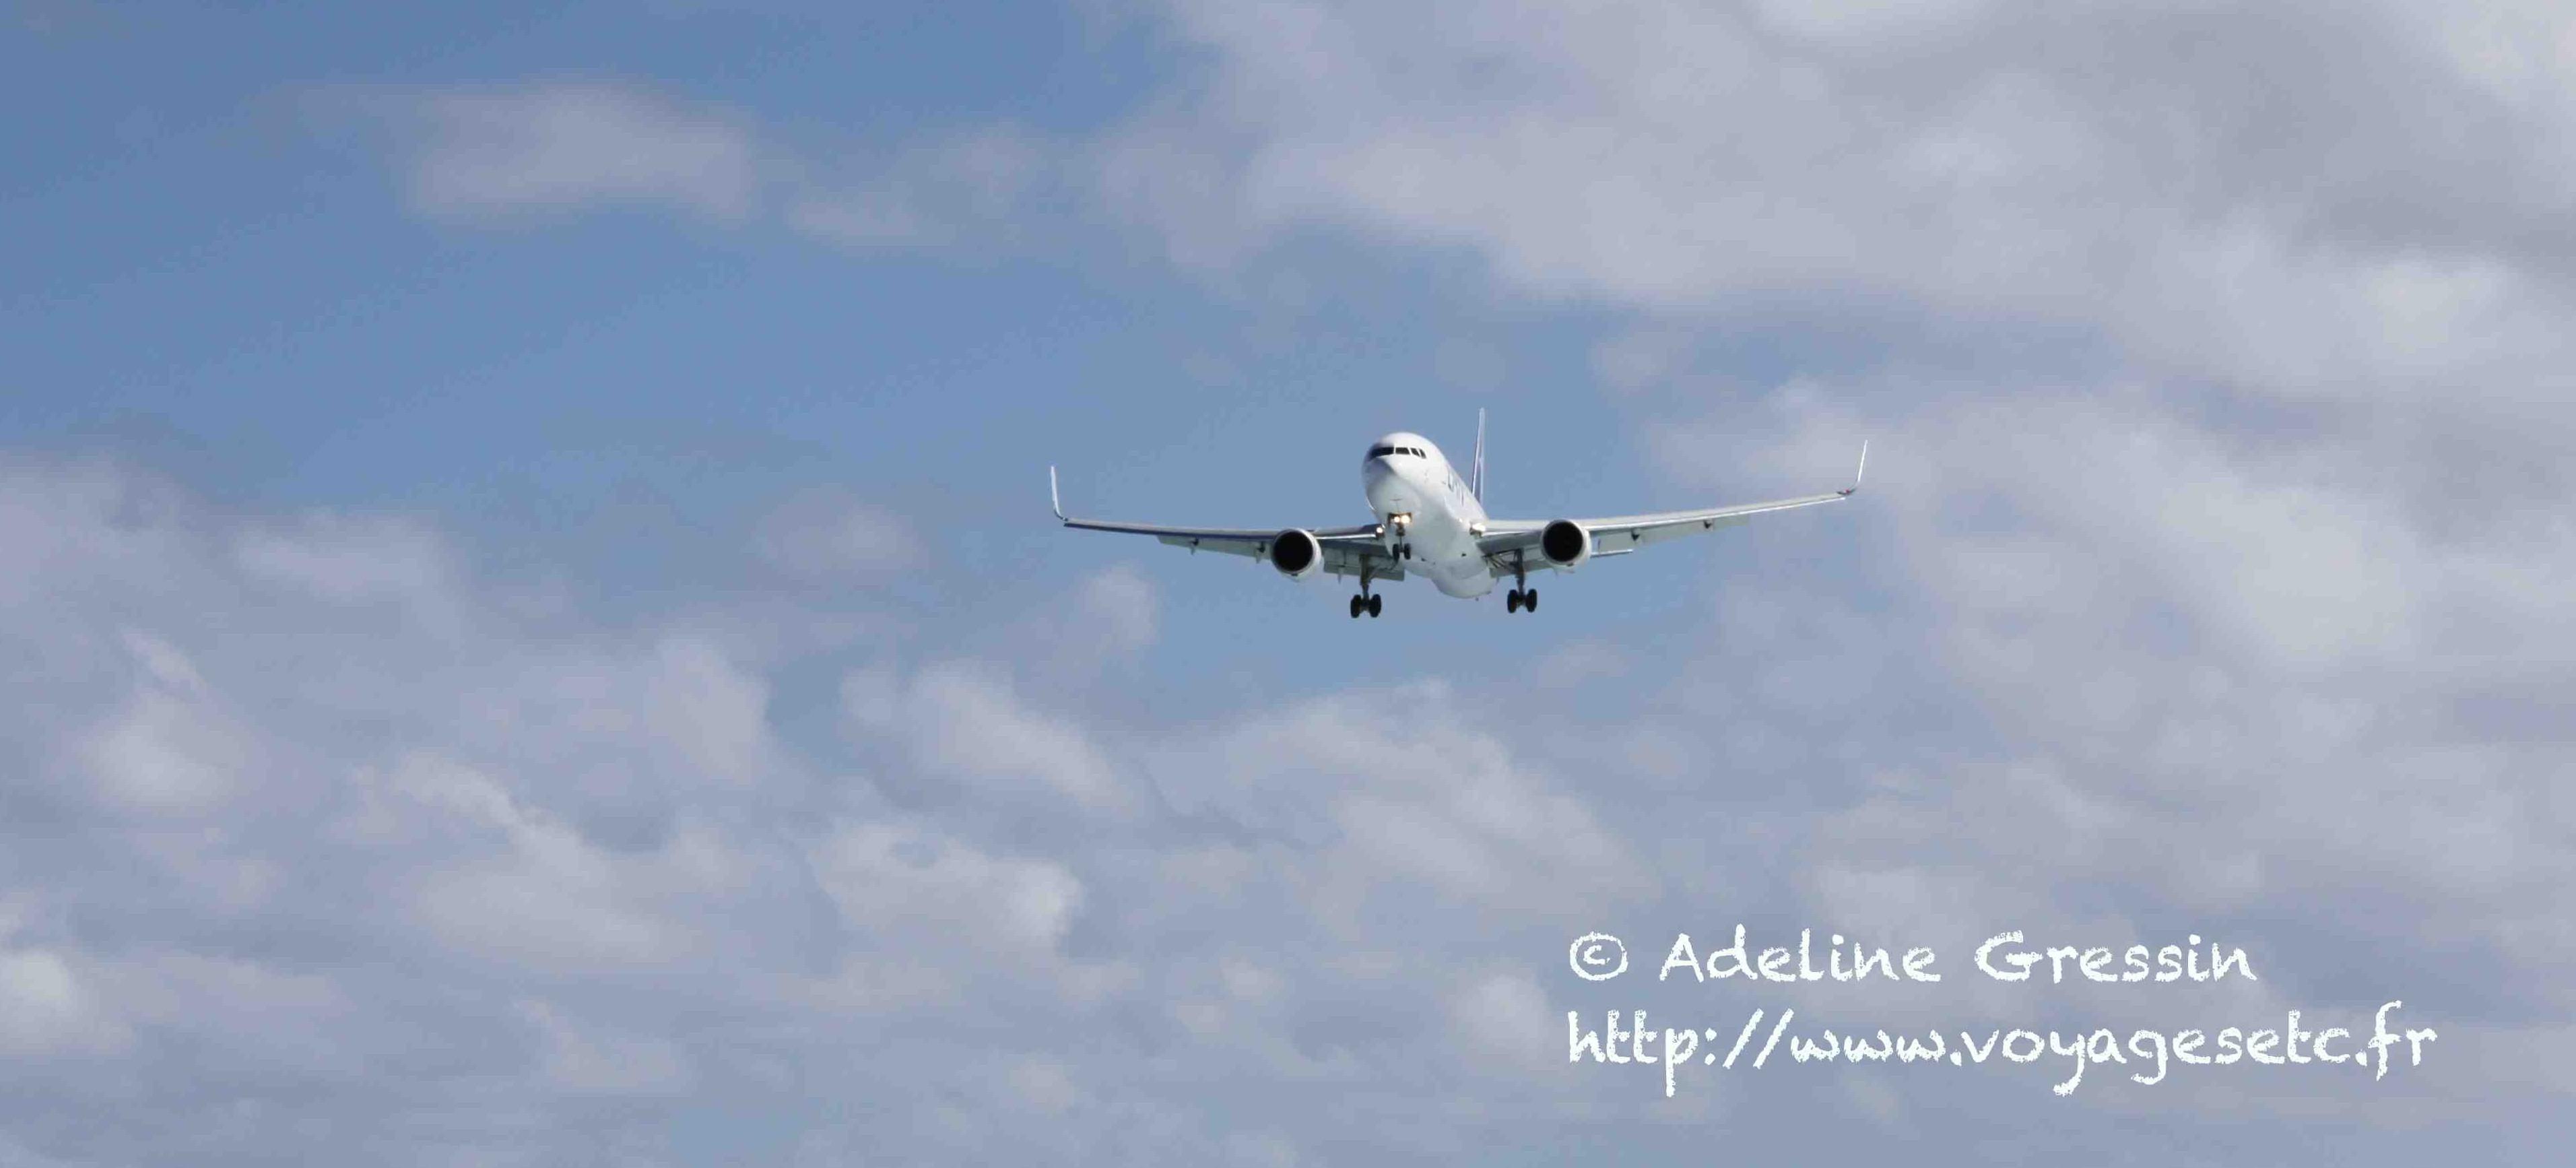 Avion tour du monde